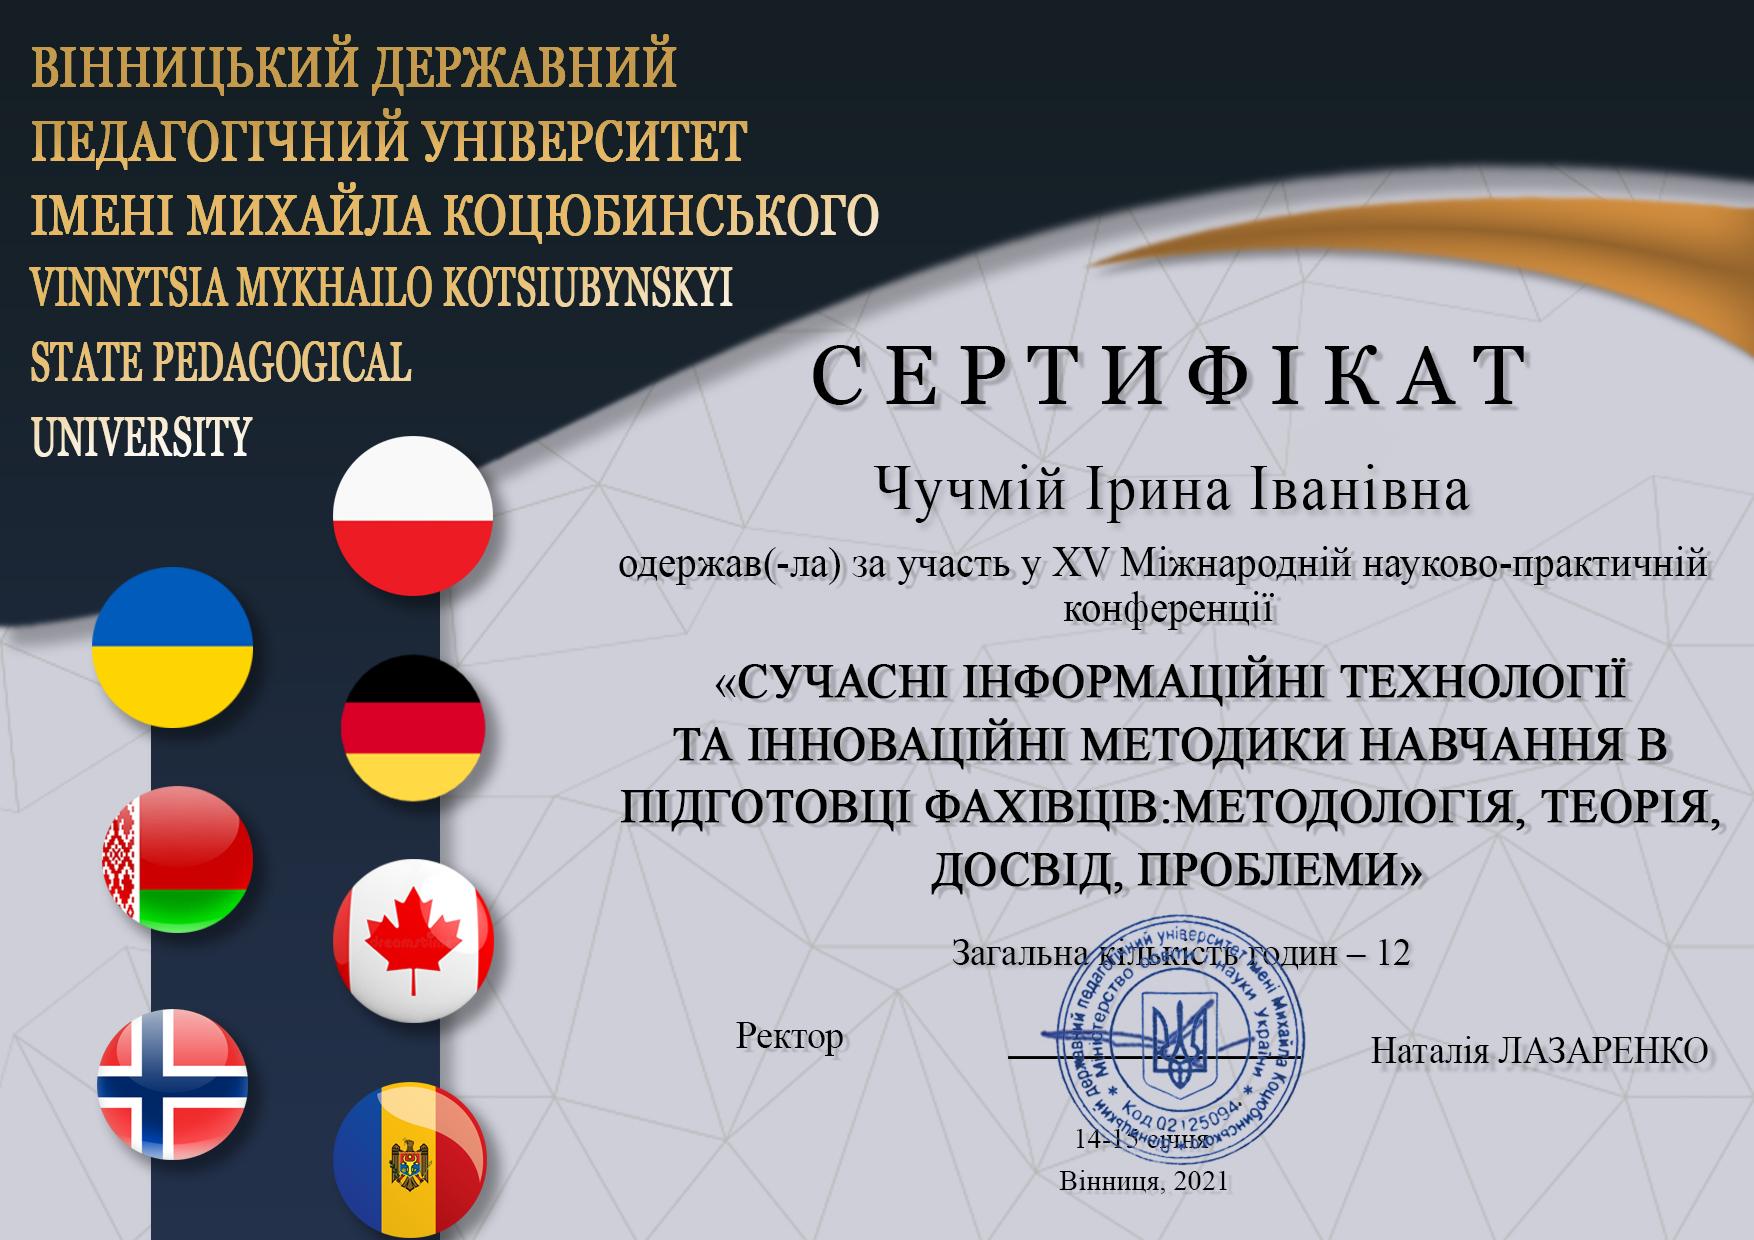 Чучмій Ірина Іванівна